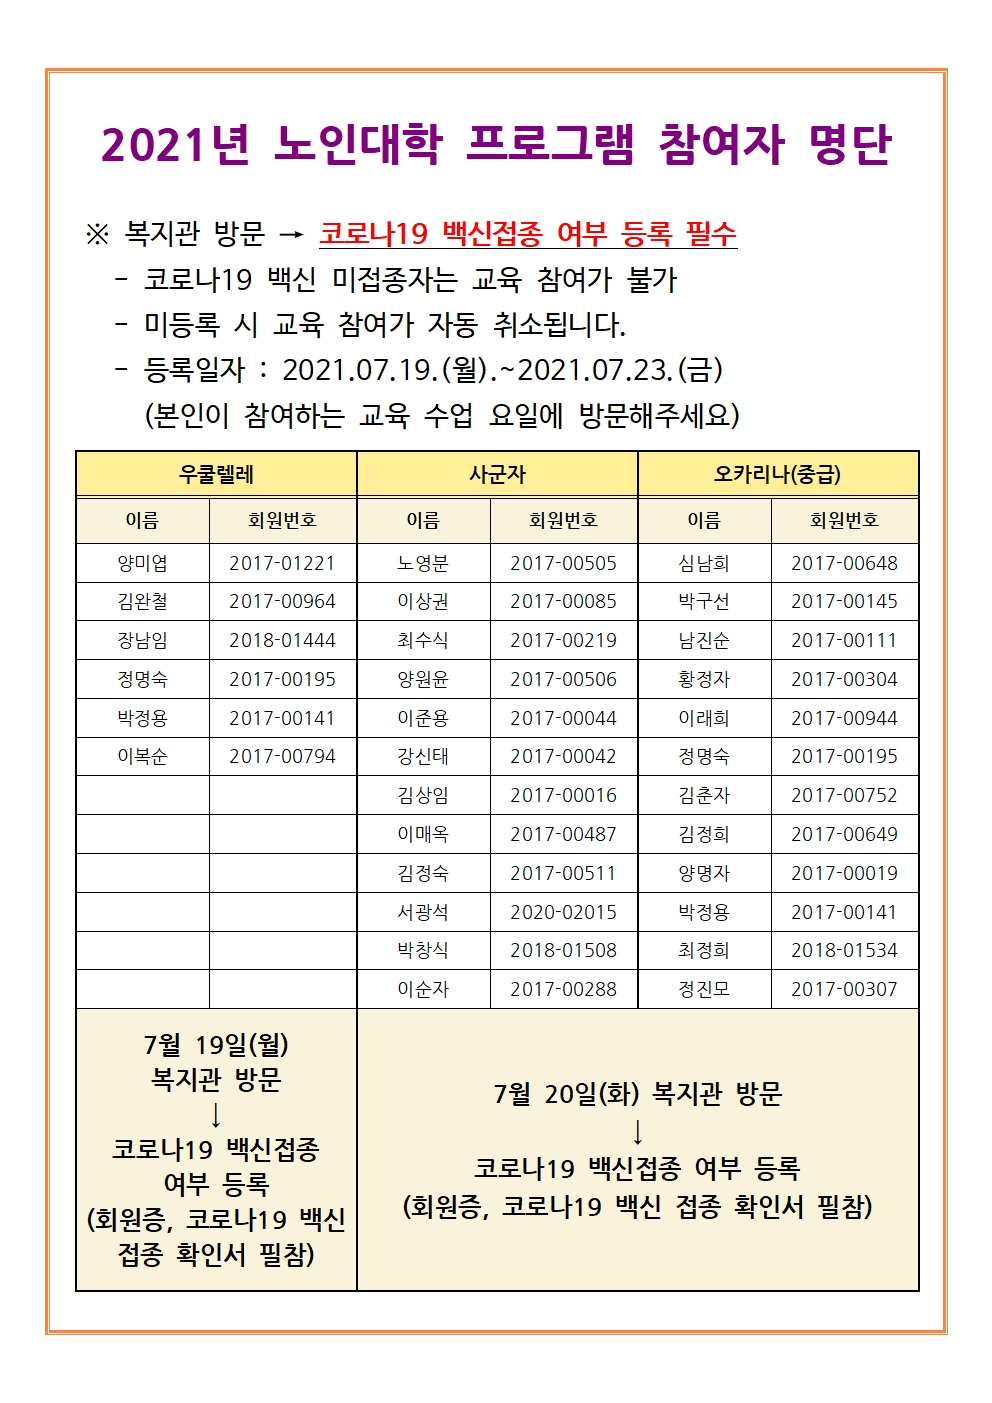 2021년 노인대학 프로그램 참여자 명단(최종 공지)002.jpg